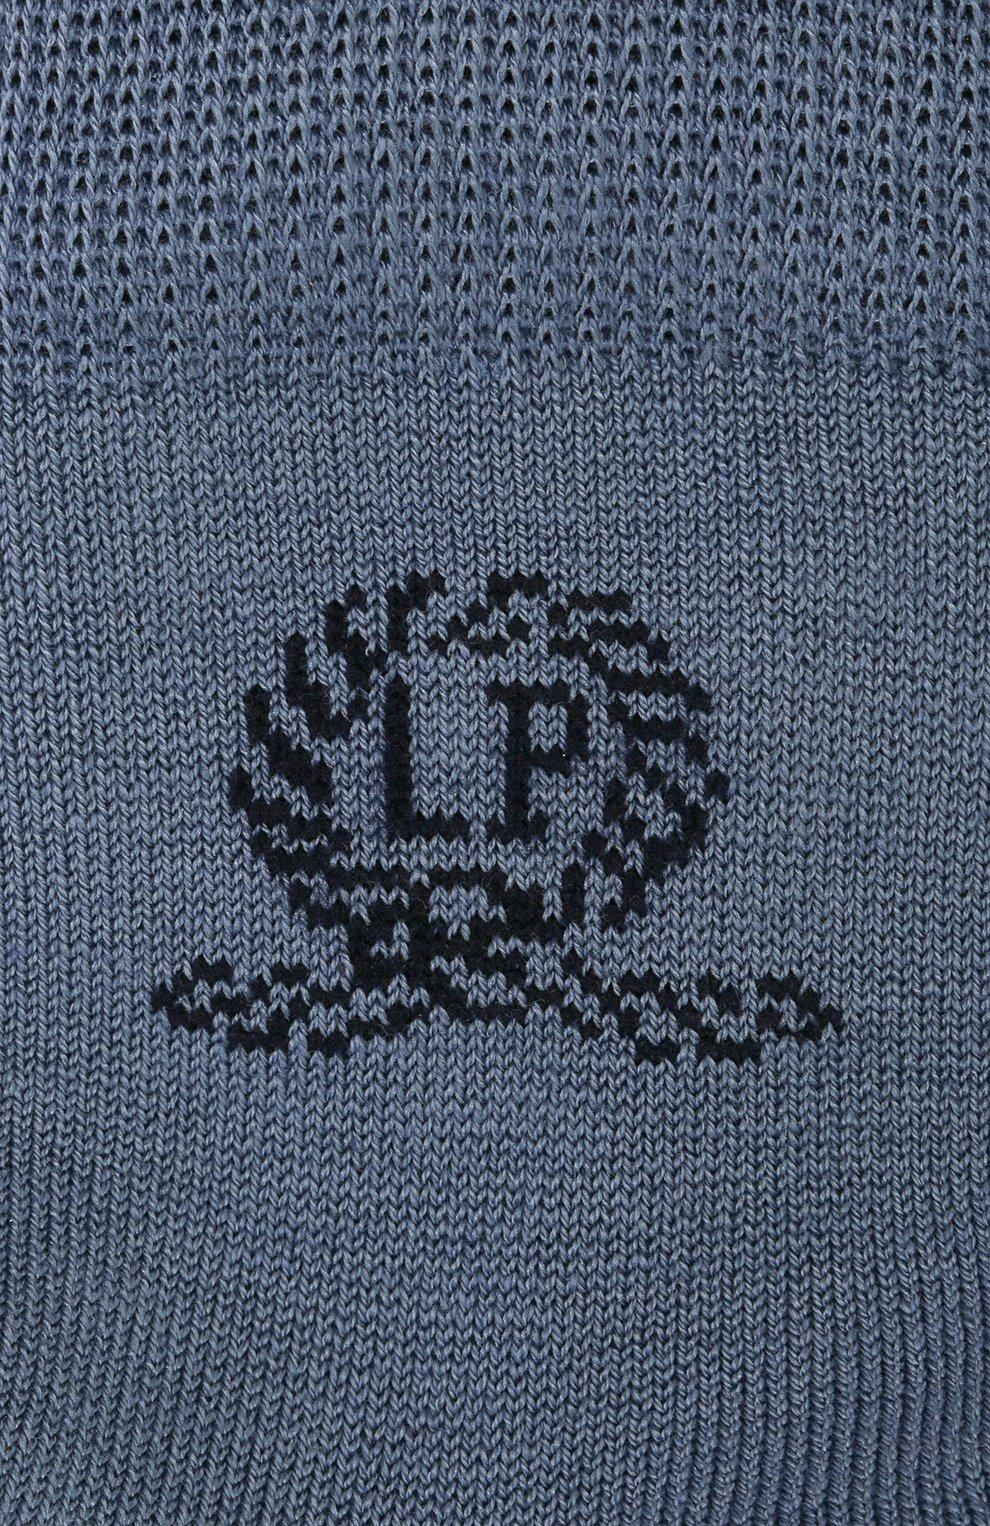 Детские хлопковые носки LA PERLA синего цвета, арт. 42035/1-2 | Фото 2 (Материал: Текстиль, Хлопок)